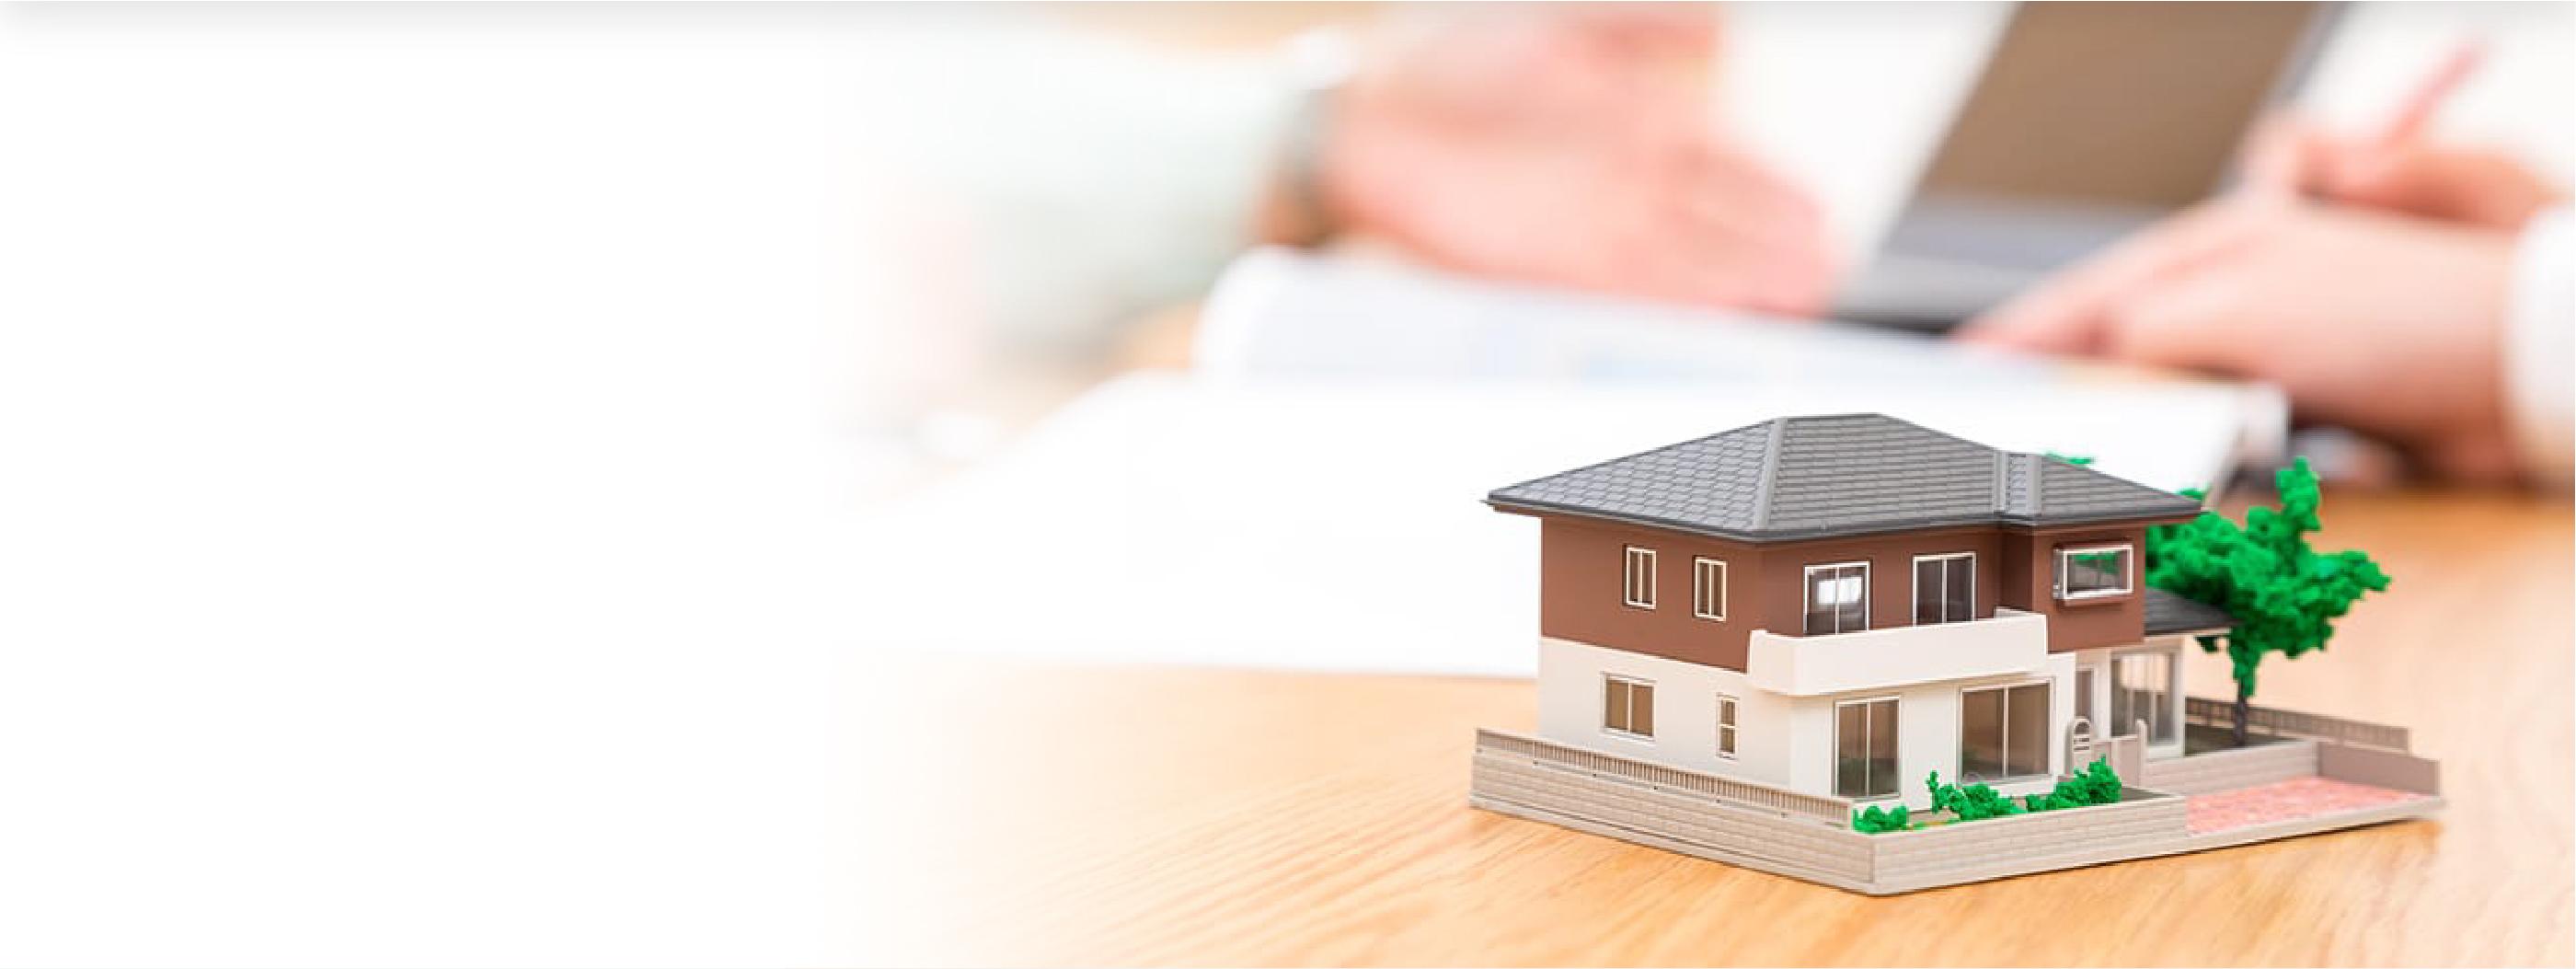 保険加入者の不利益を解消し、資産保全に寄与することがJHRA(一般社団法人 日本住宅修繕協会)の願いです。